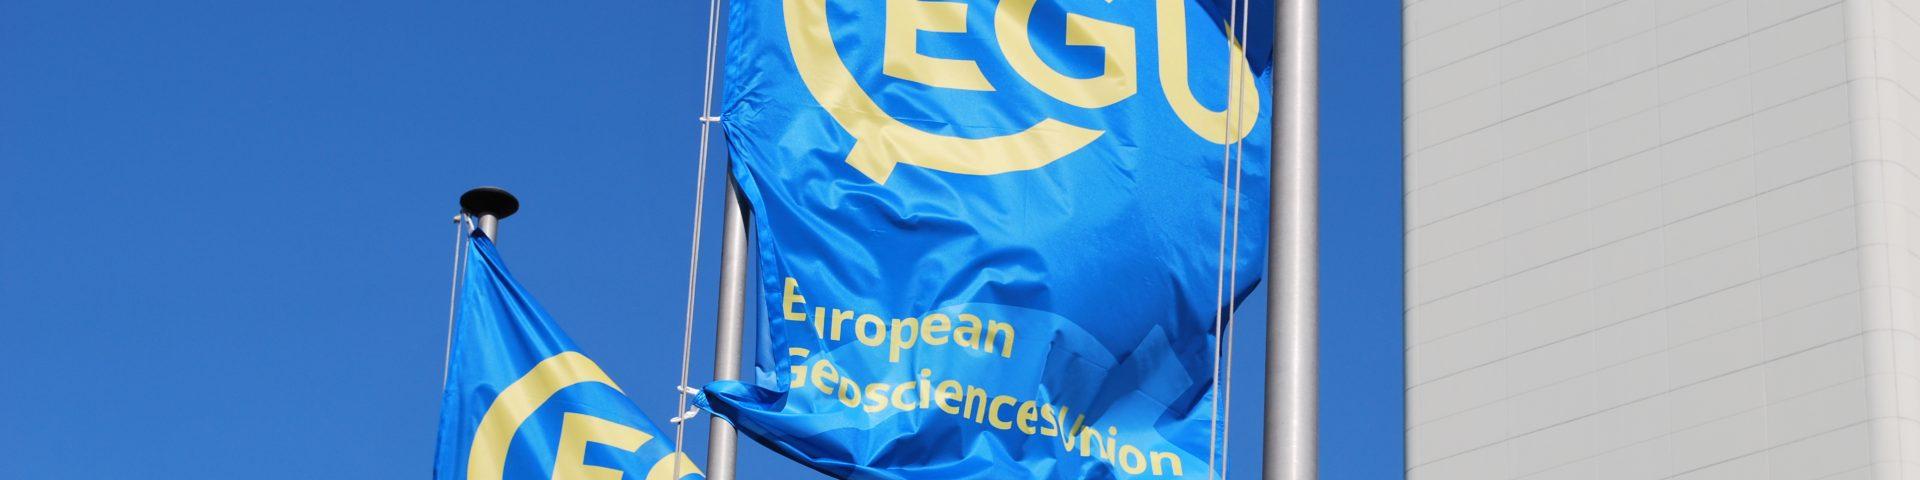 European Geoscientific Union